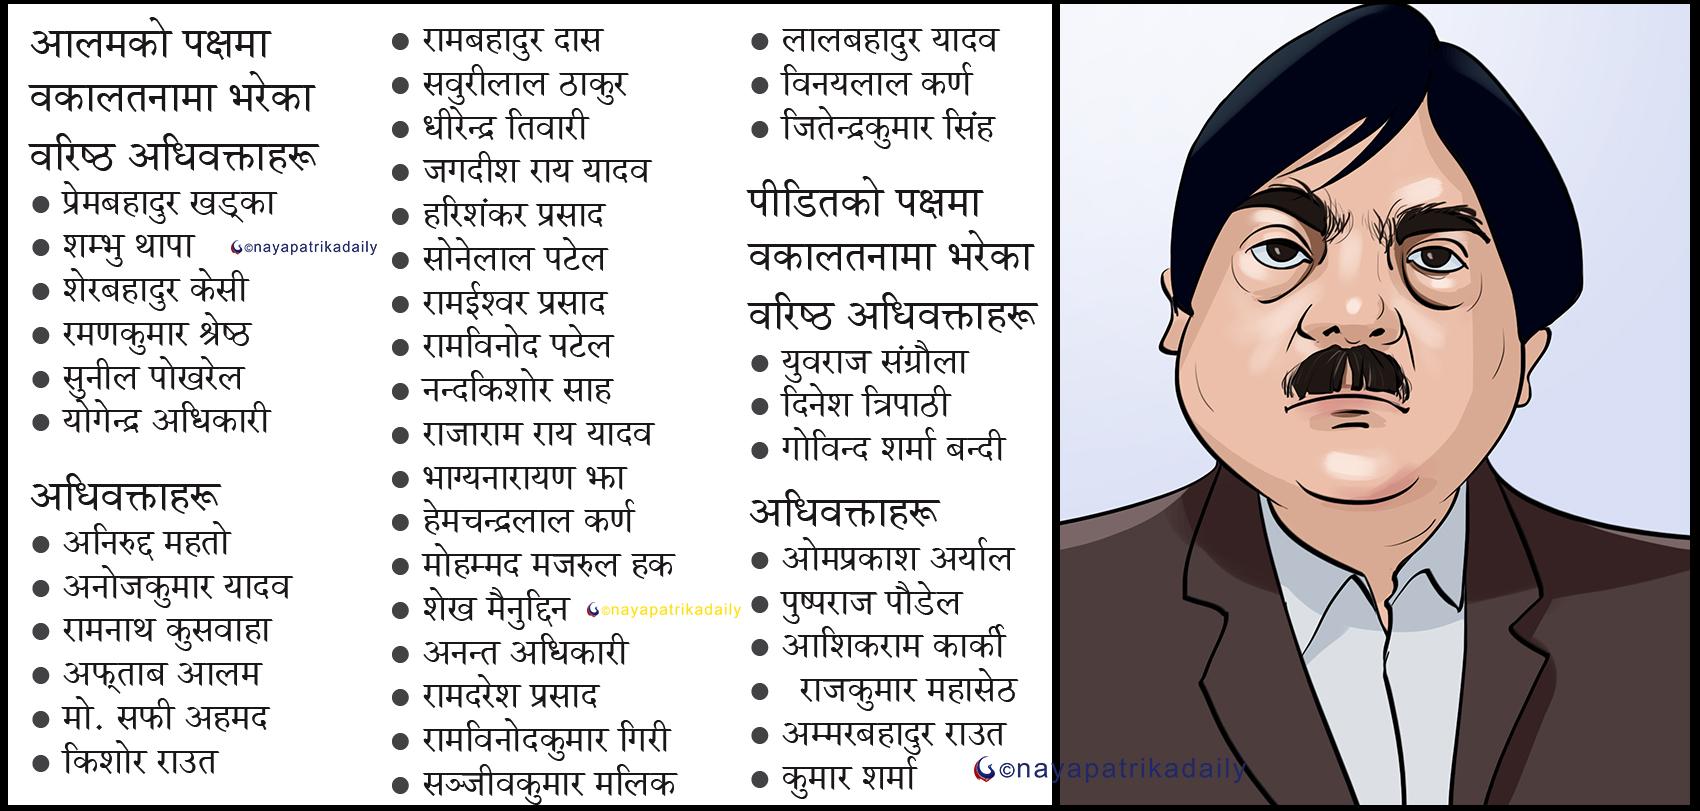 Nayapatrikadaily